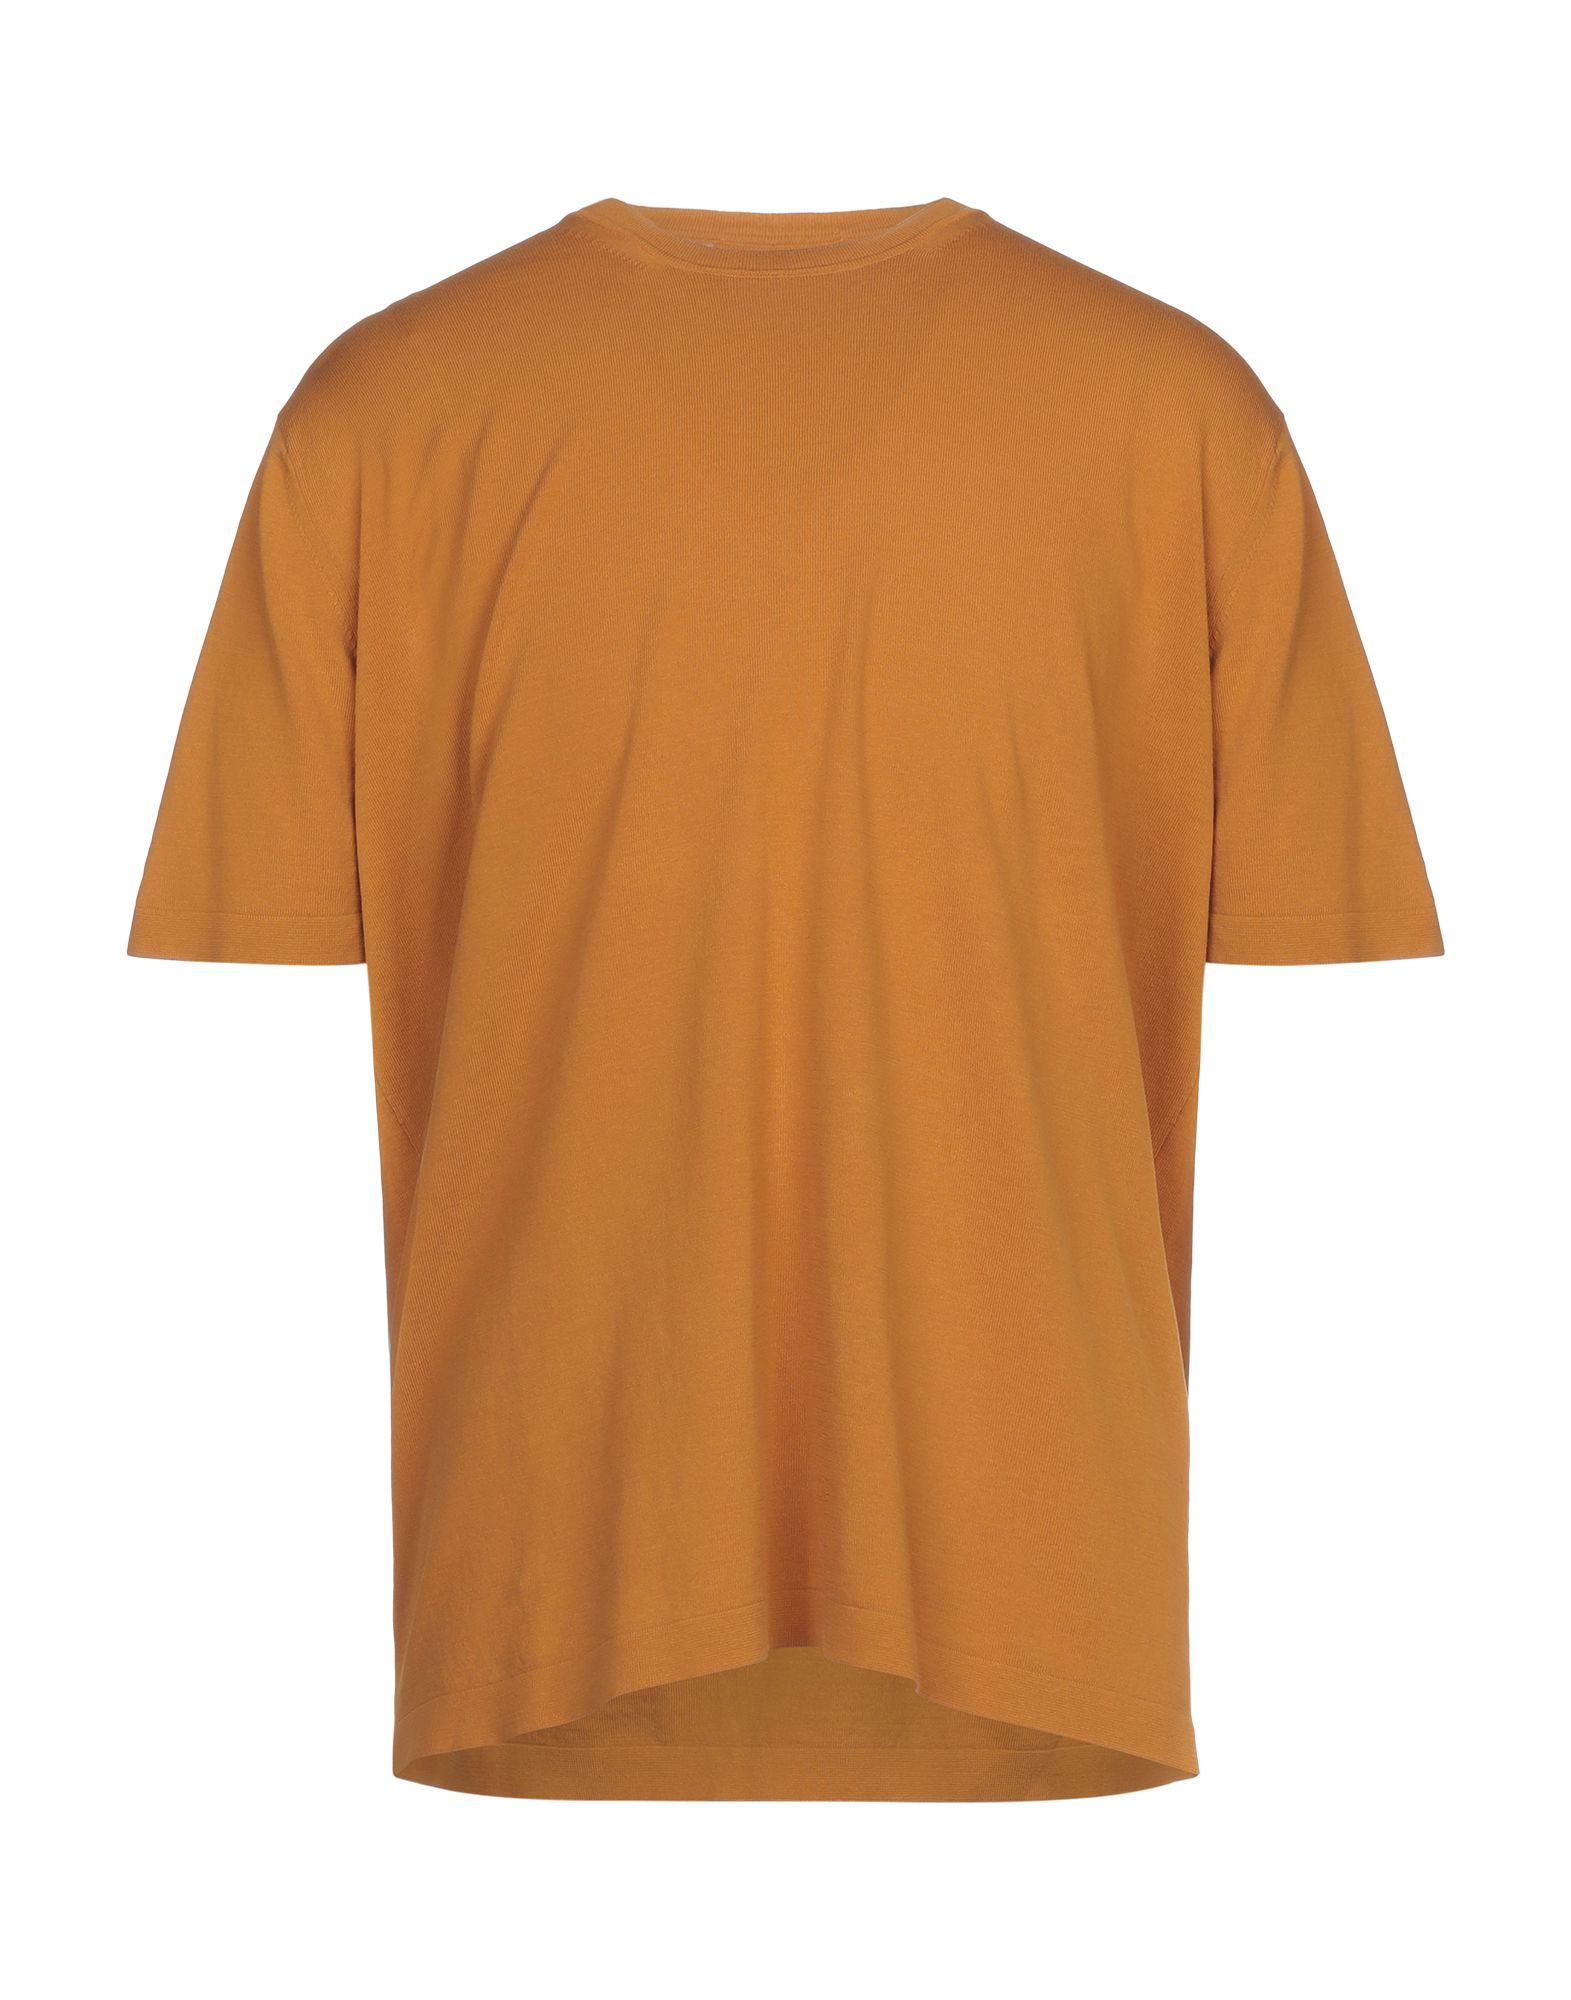 《セール開催中》FILIPPO DE LAURENTIIS メンズ プルオーバー 赤茶色 56 コットン 100%